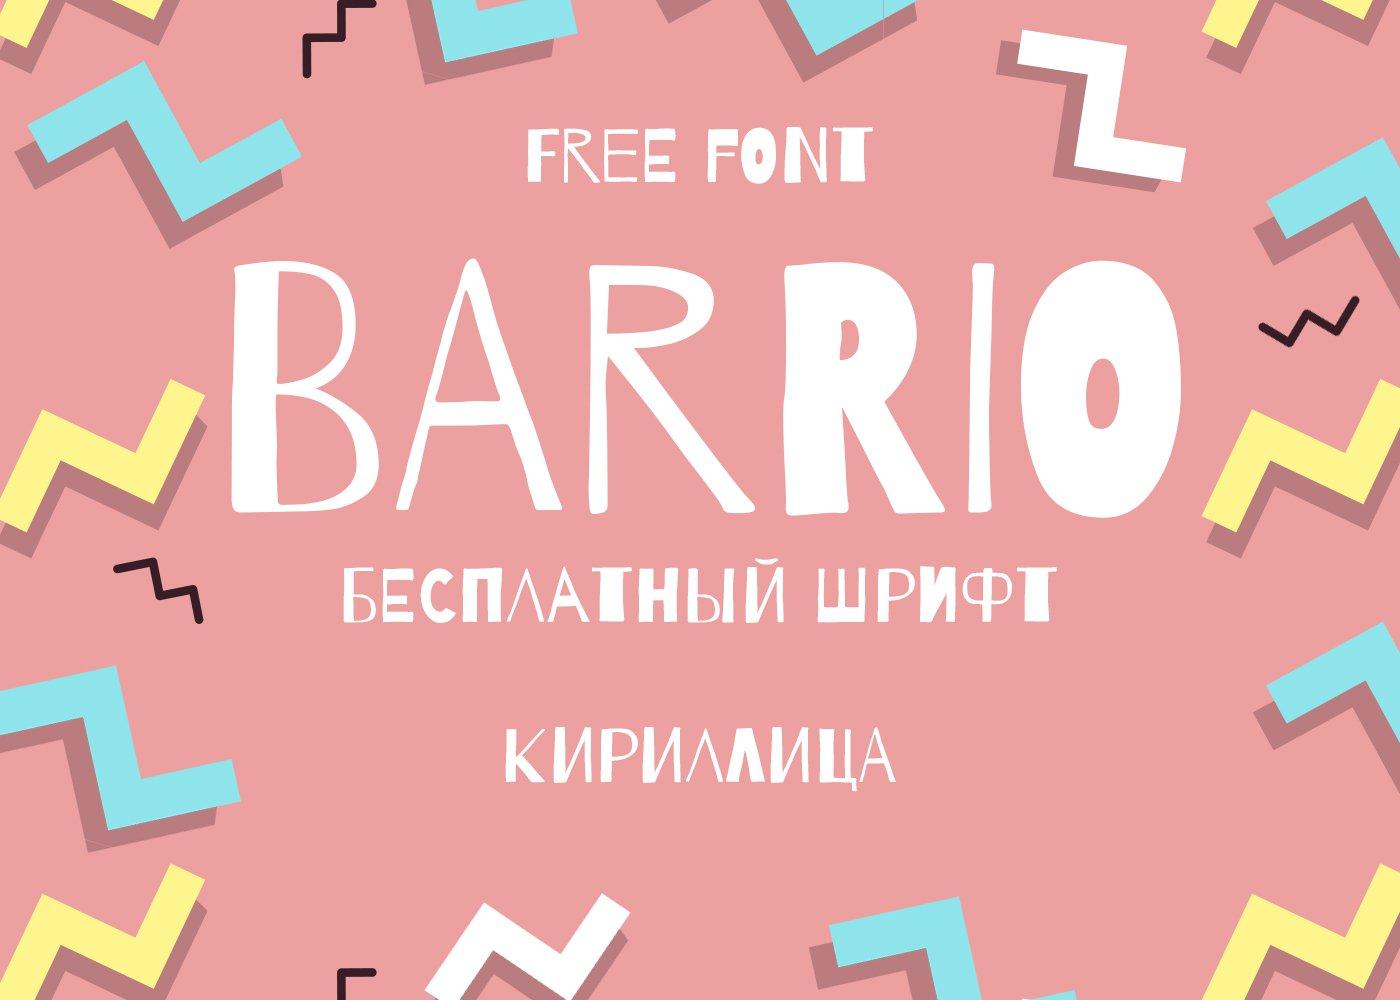 Шрифт Barrio с кириллицей скачать